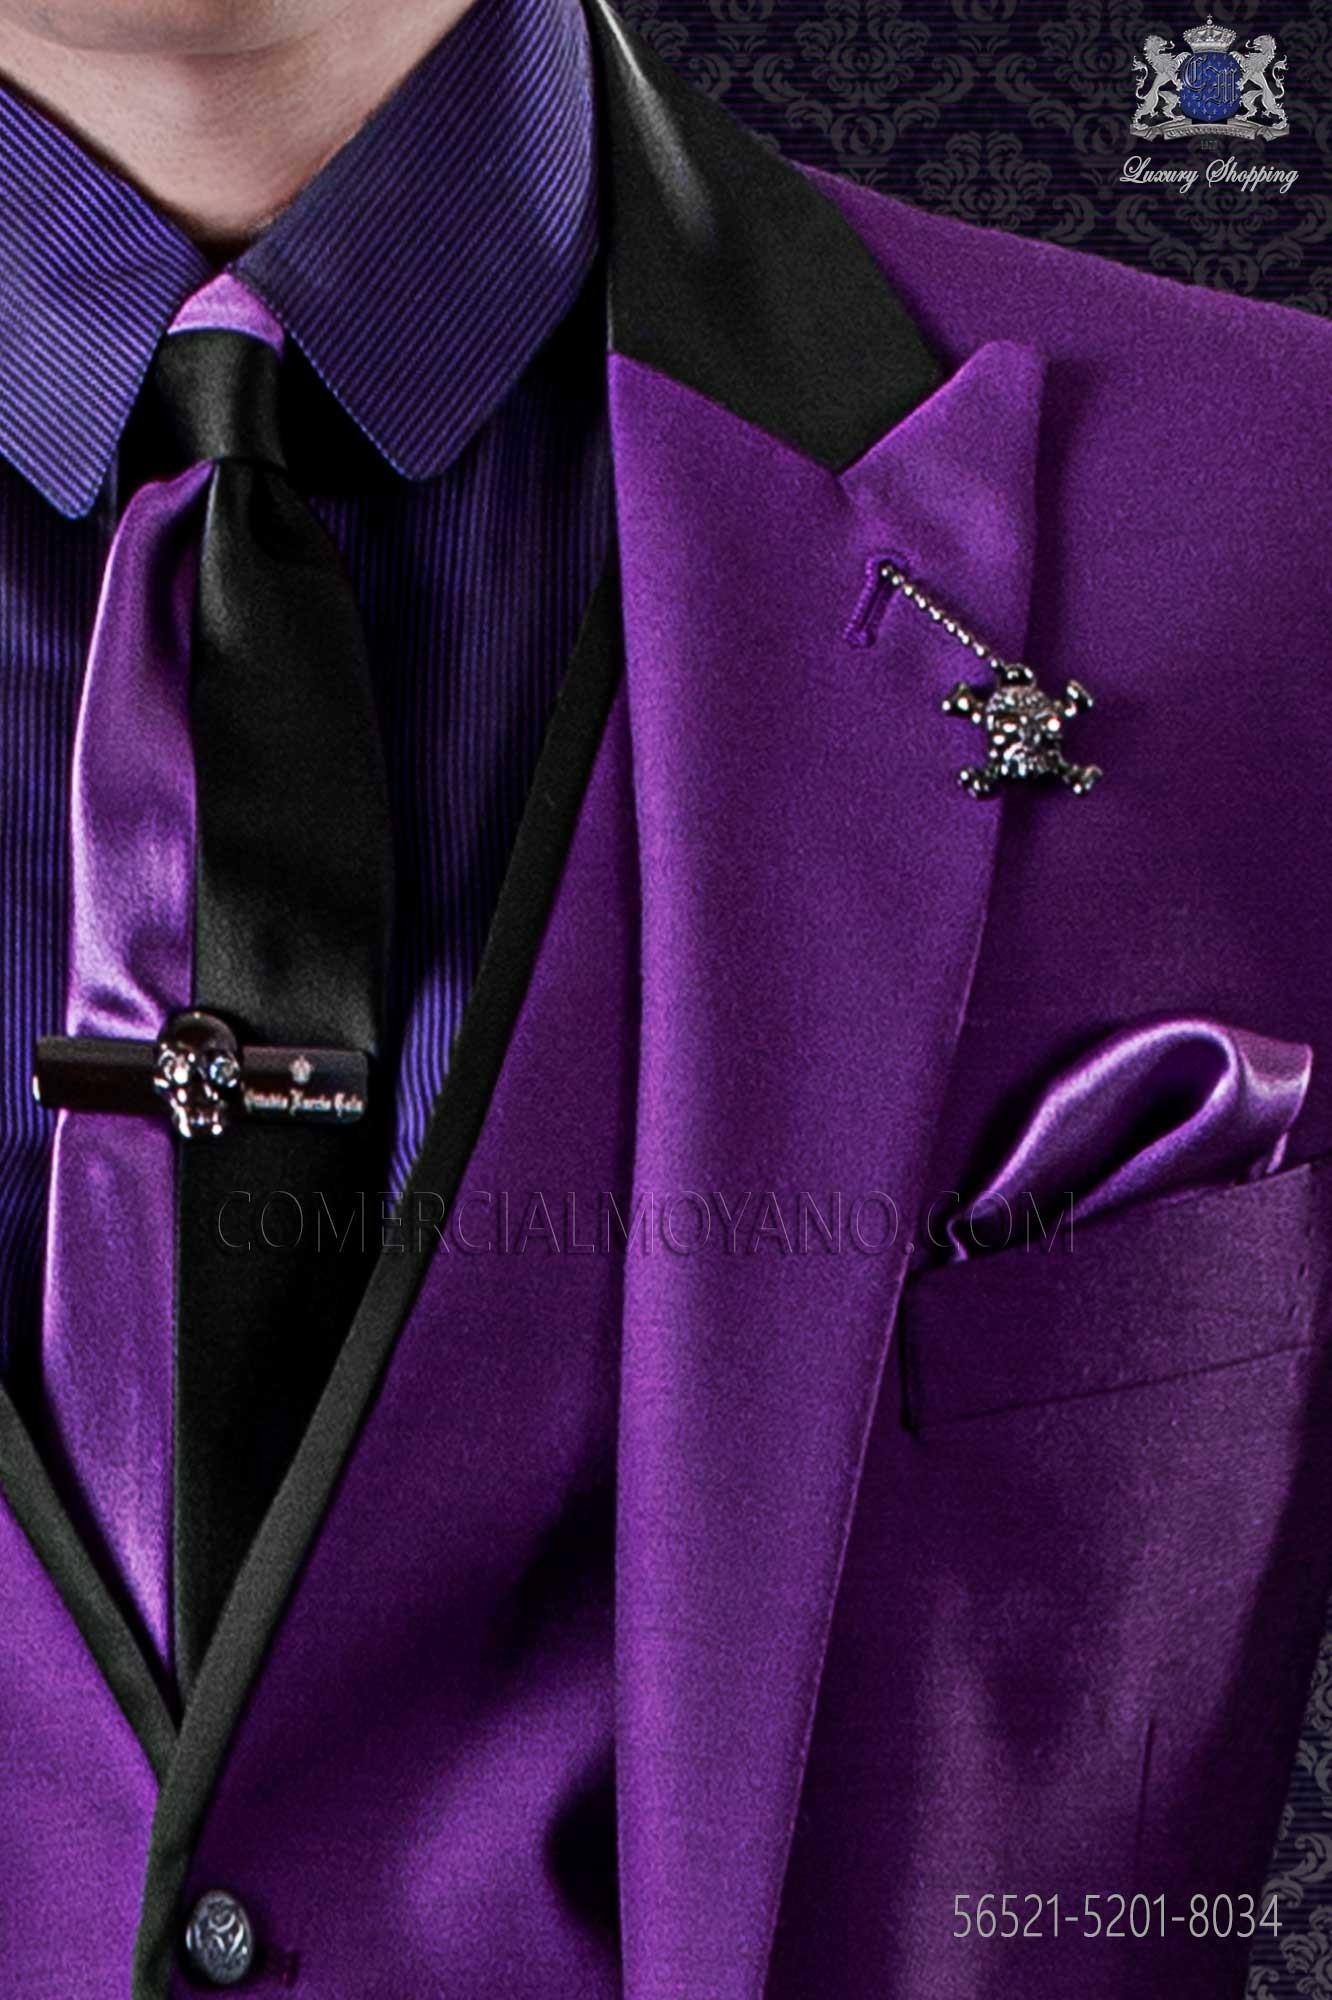 low priced 5d7dc 7237b Schwarz und lila Satin schmale Krawatte mit lila Satintuch